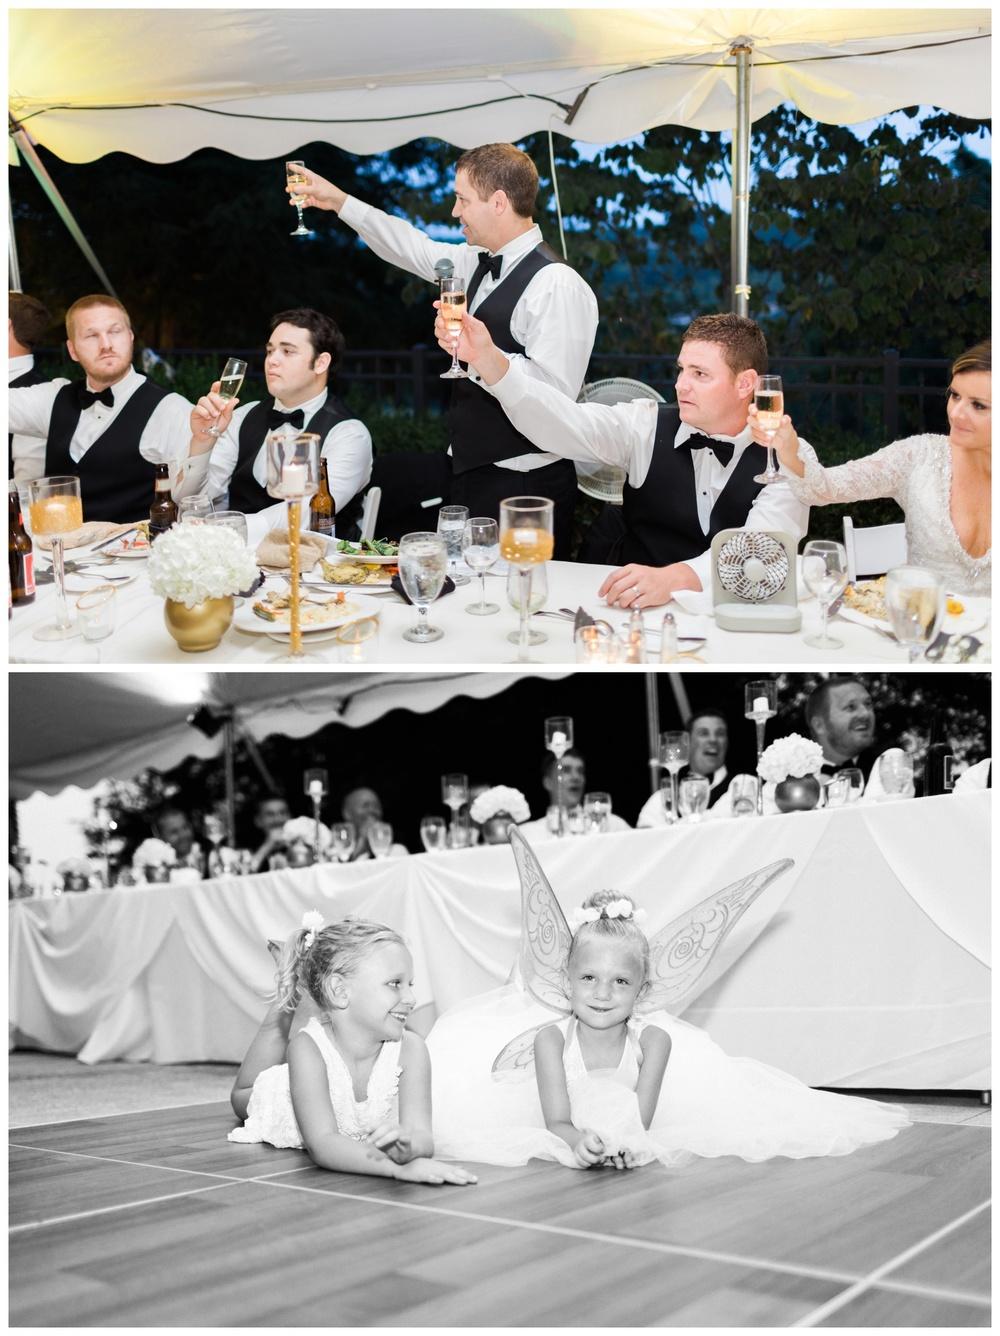 wedding photography st louis_lauren muckler photography_0030.jpg